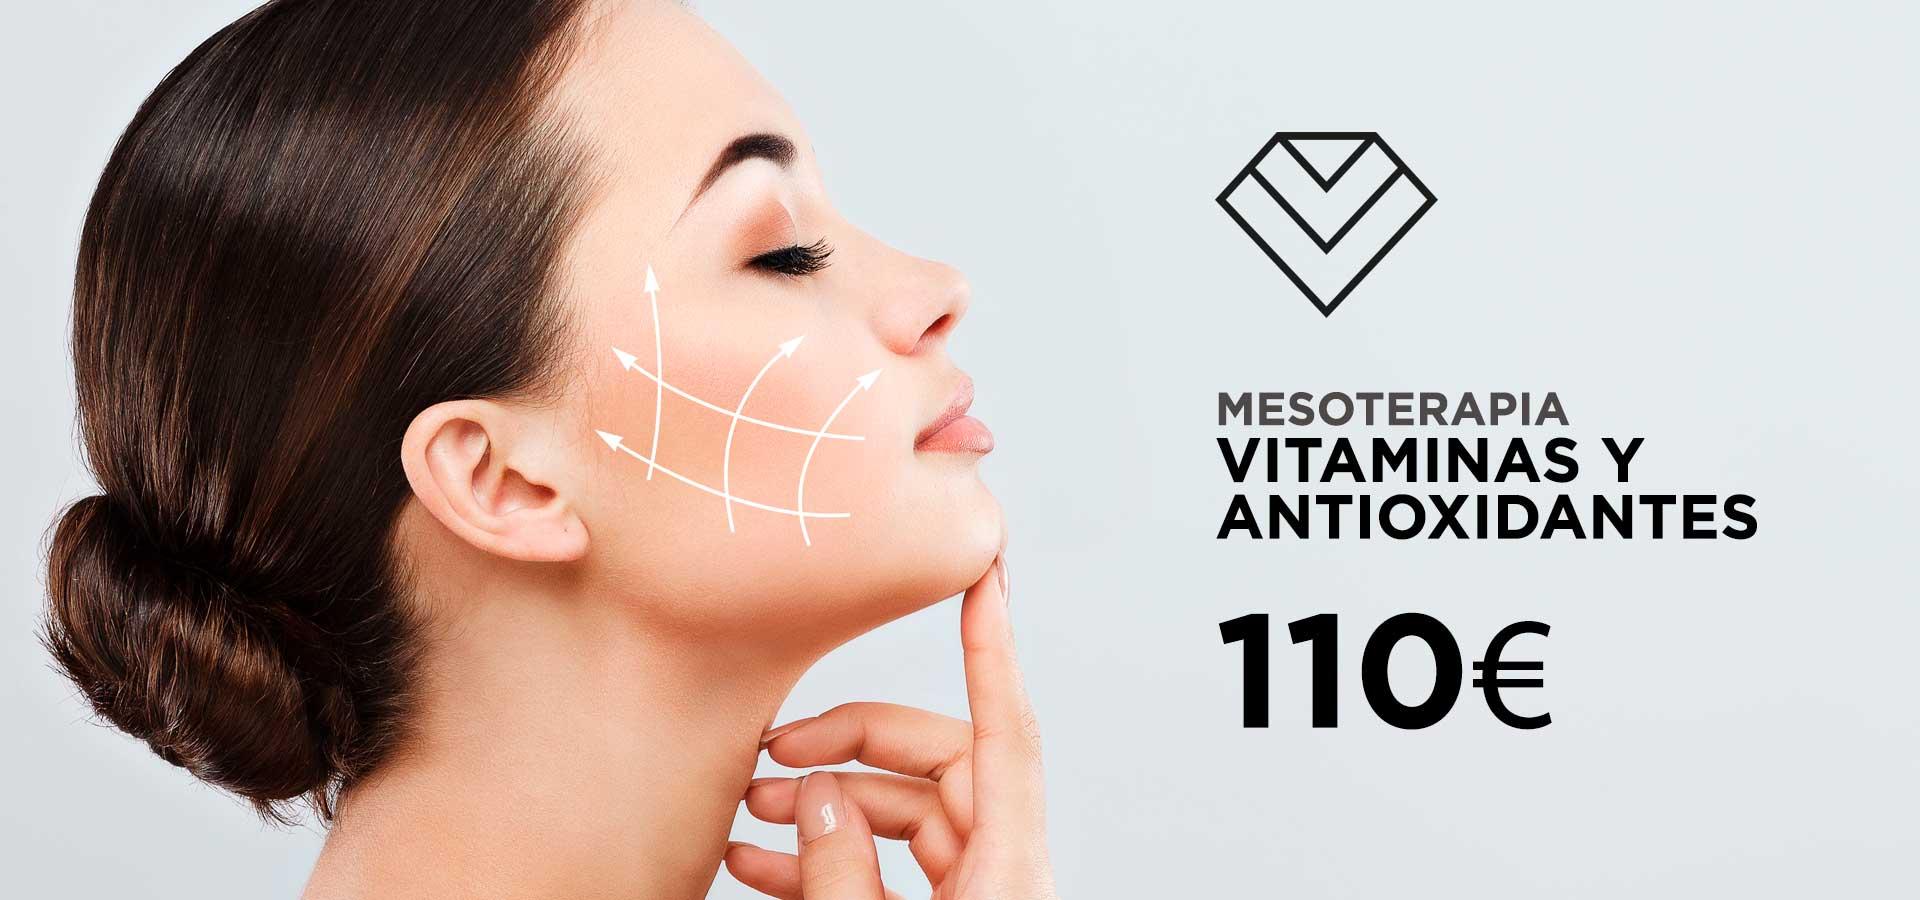 Ofertas medicina estética Mesoterapia Vitaminas y antioxidantes